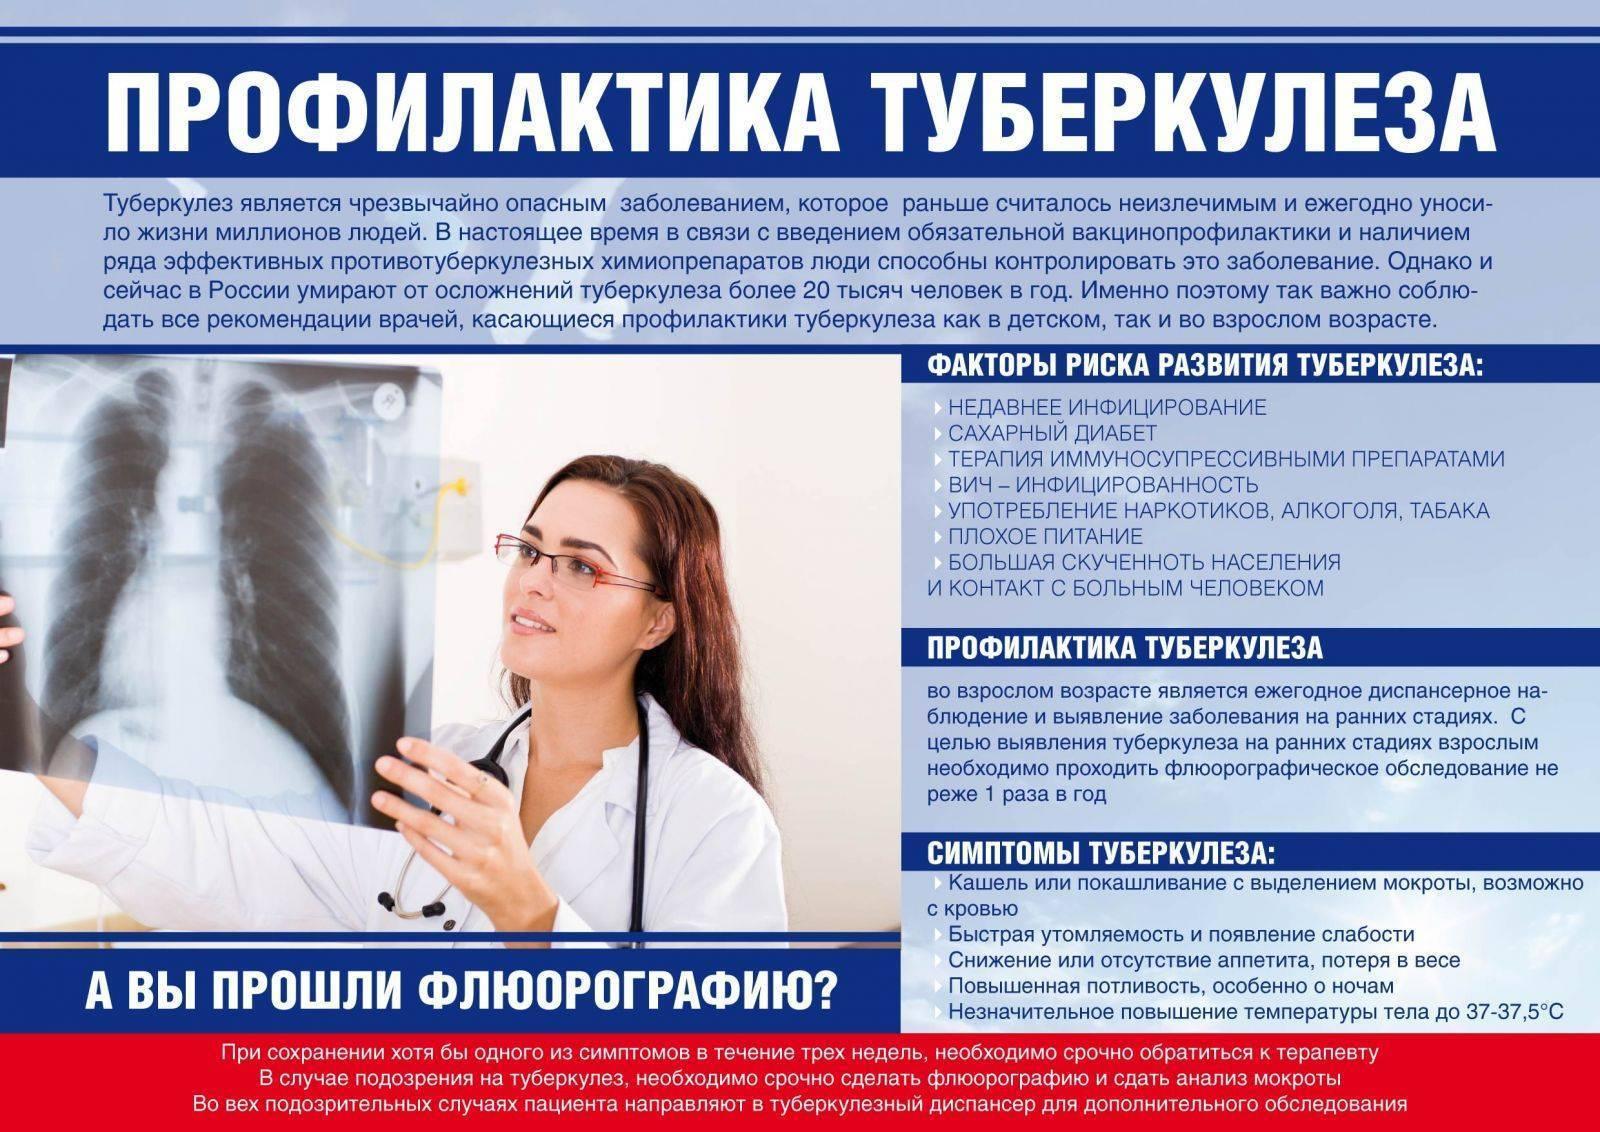 Допуск к работе после туберкулеза